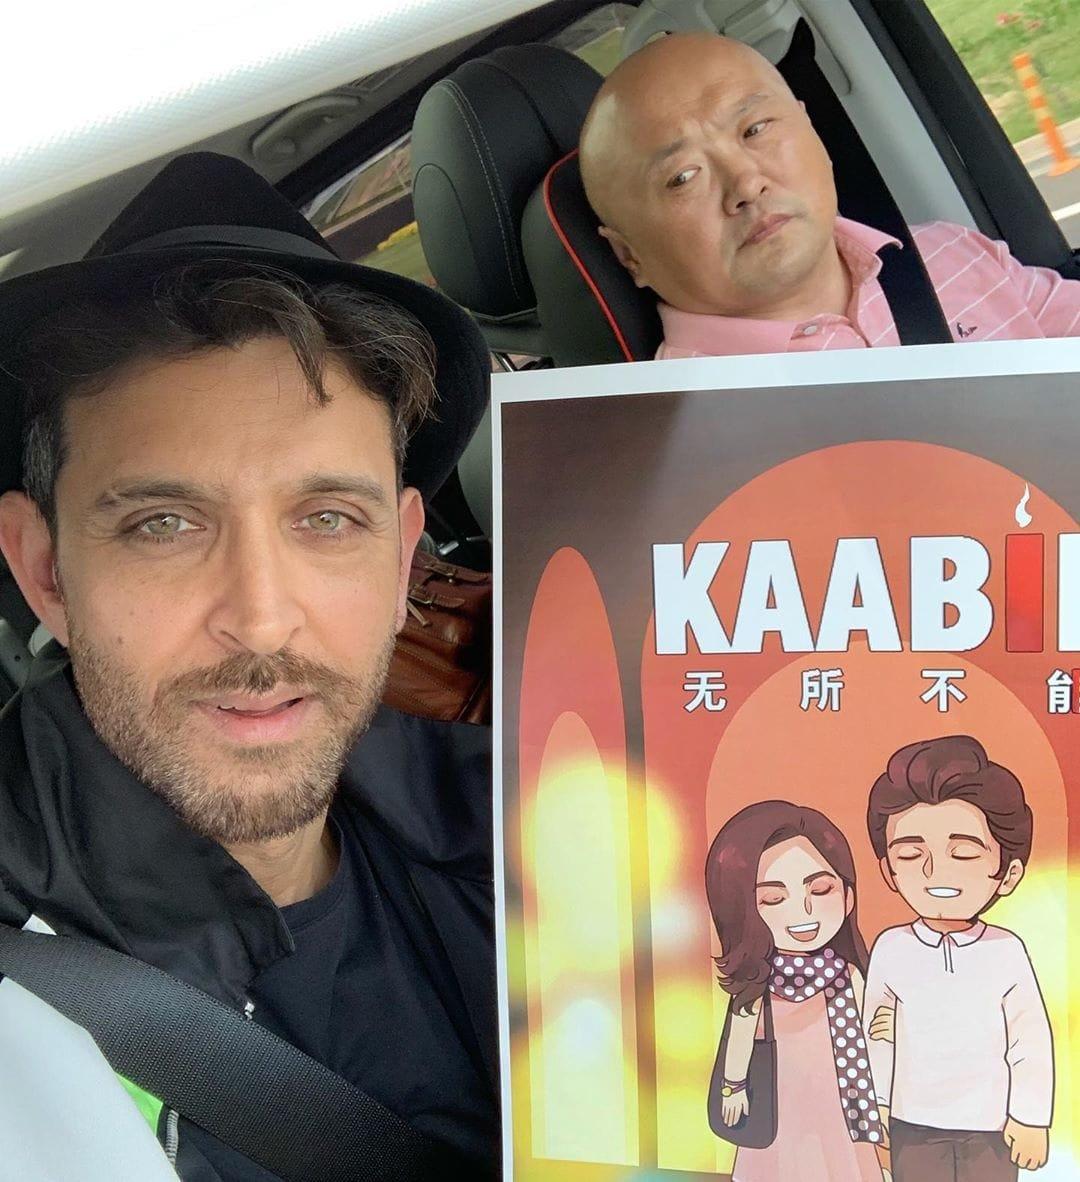 'काबिल' के प्रीमियर के लिए ऋतिक पहुंचे चीन, फैंस का लगा जमावड़ा